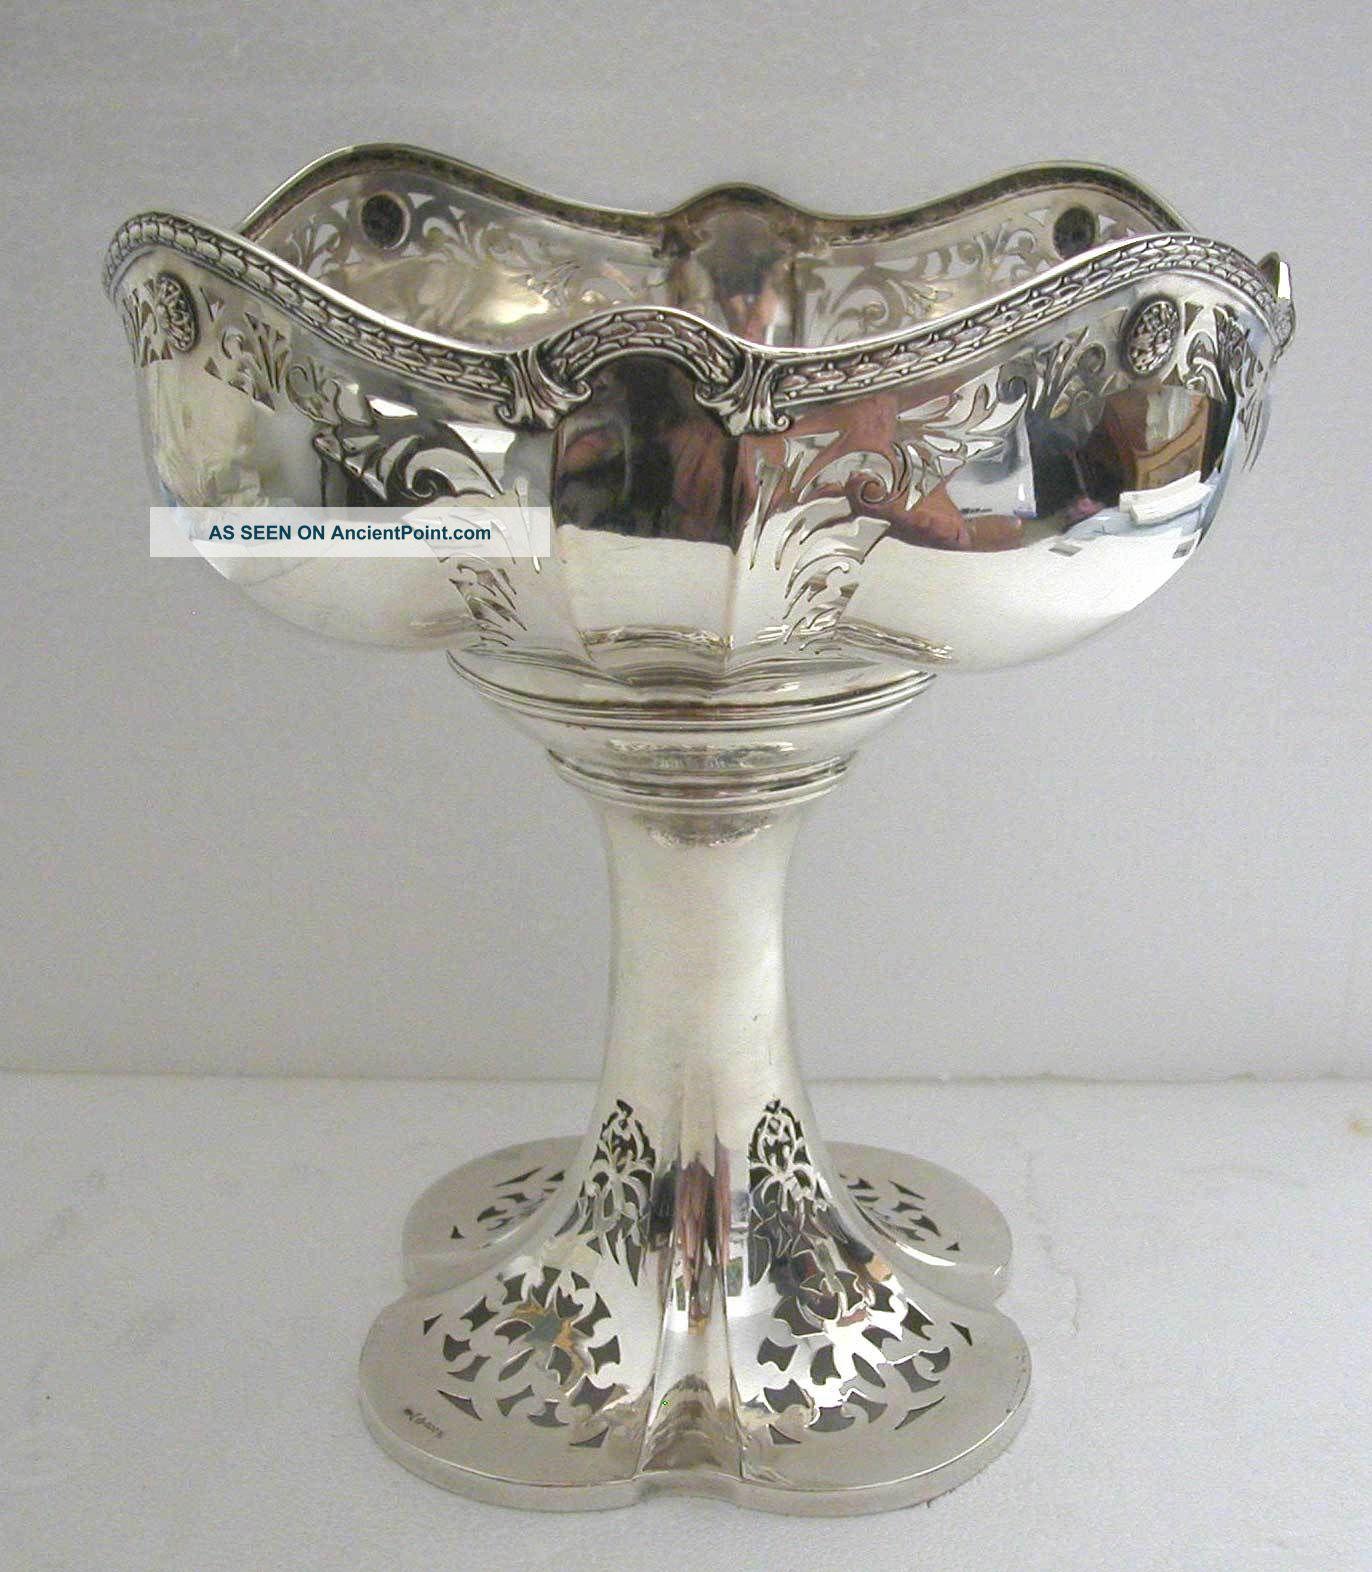 A Stunning Art Nouveau - Antique Jugendstil German Solid Silver Center Piece Germany photo